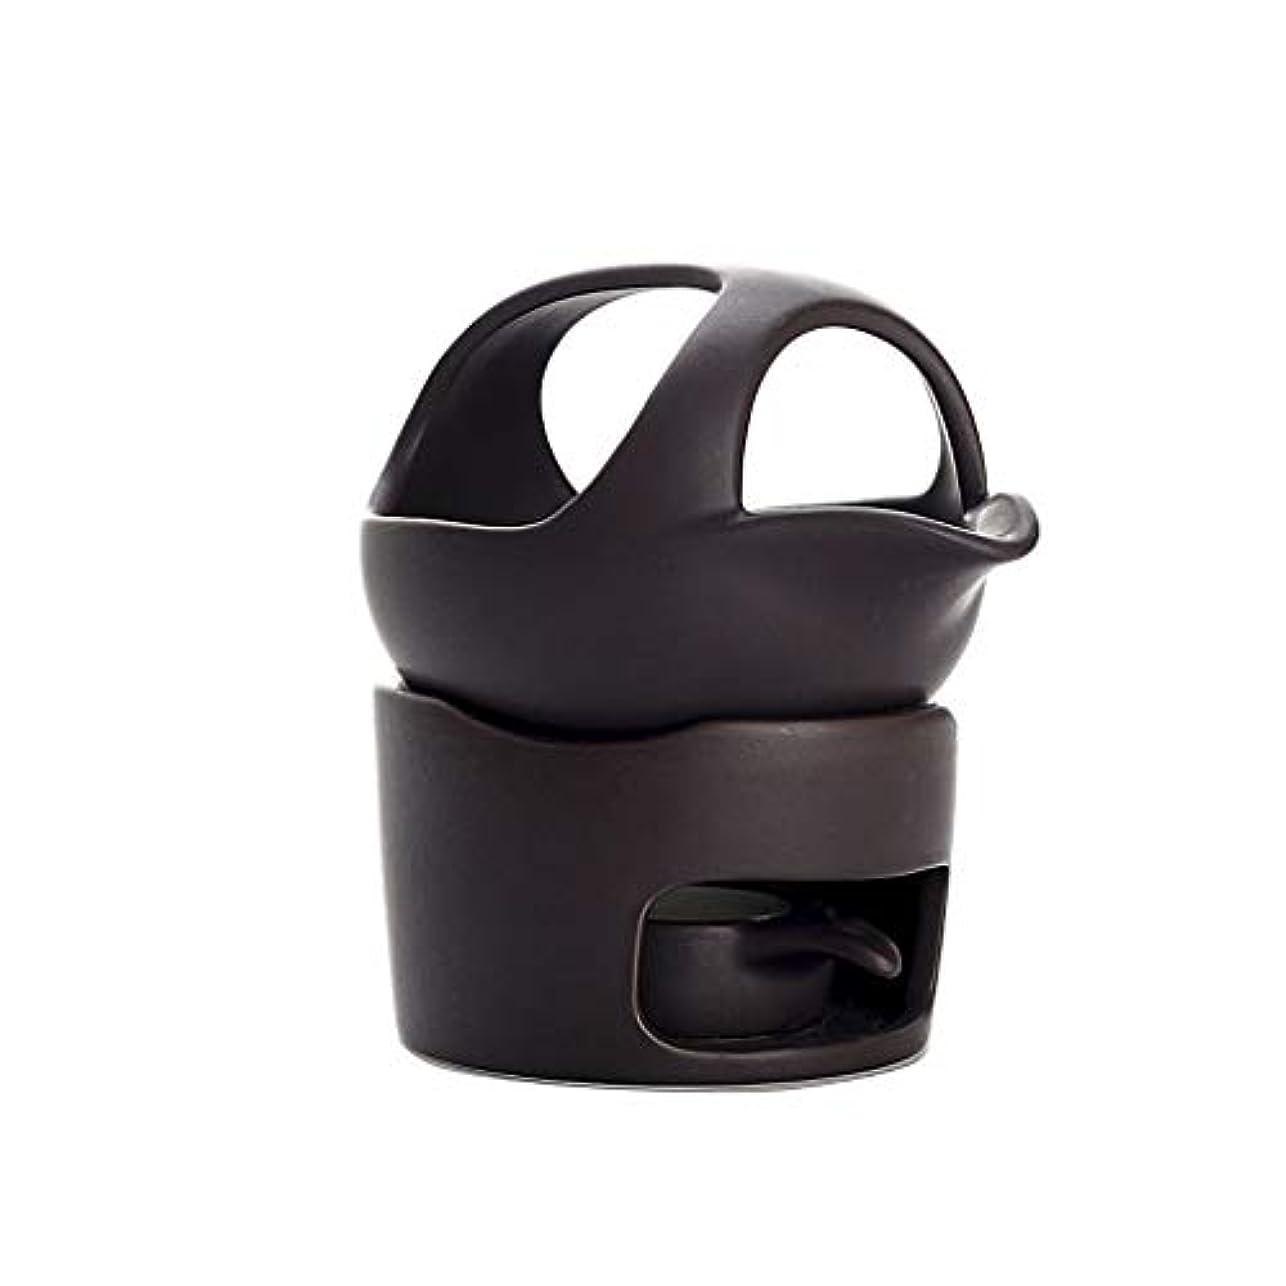 明示的にアトムビーチホームアロマバーナー セラミックお香バーナースモークティーストーブウェイクアップお茶お香バーナー陶器お茶セットアクセサリーお香ホルダー アロマバーナー (Color : Black, サイズ : 12.5cm)